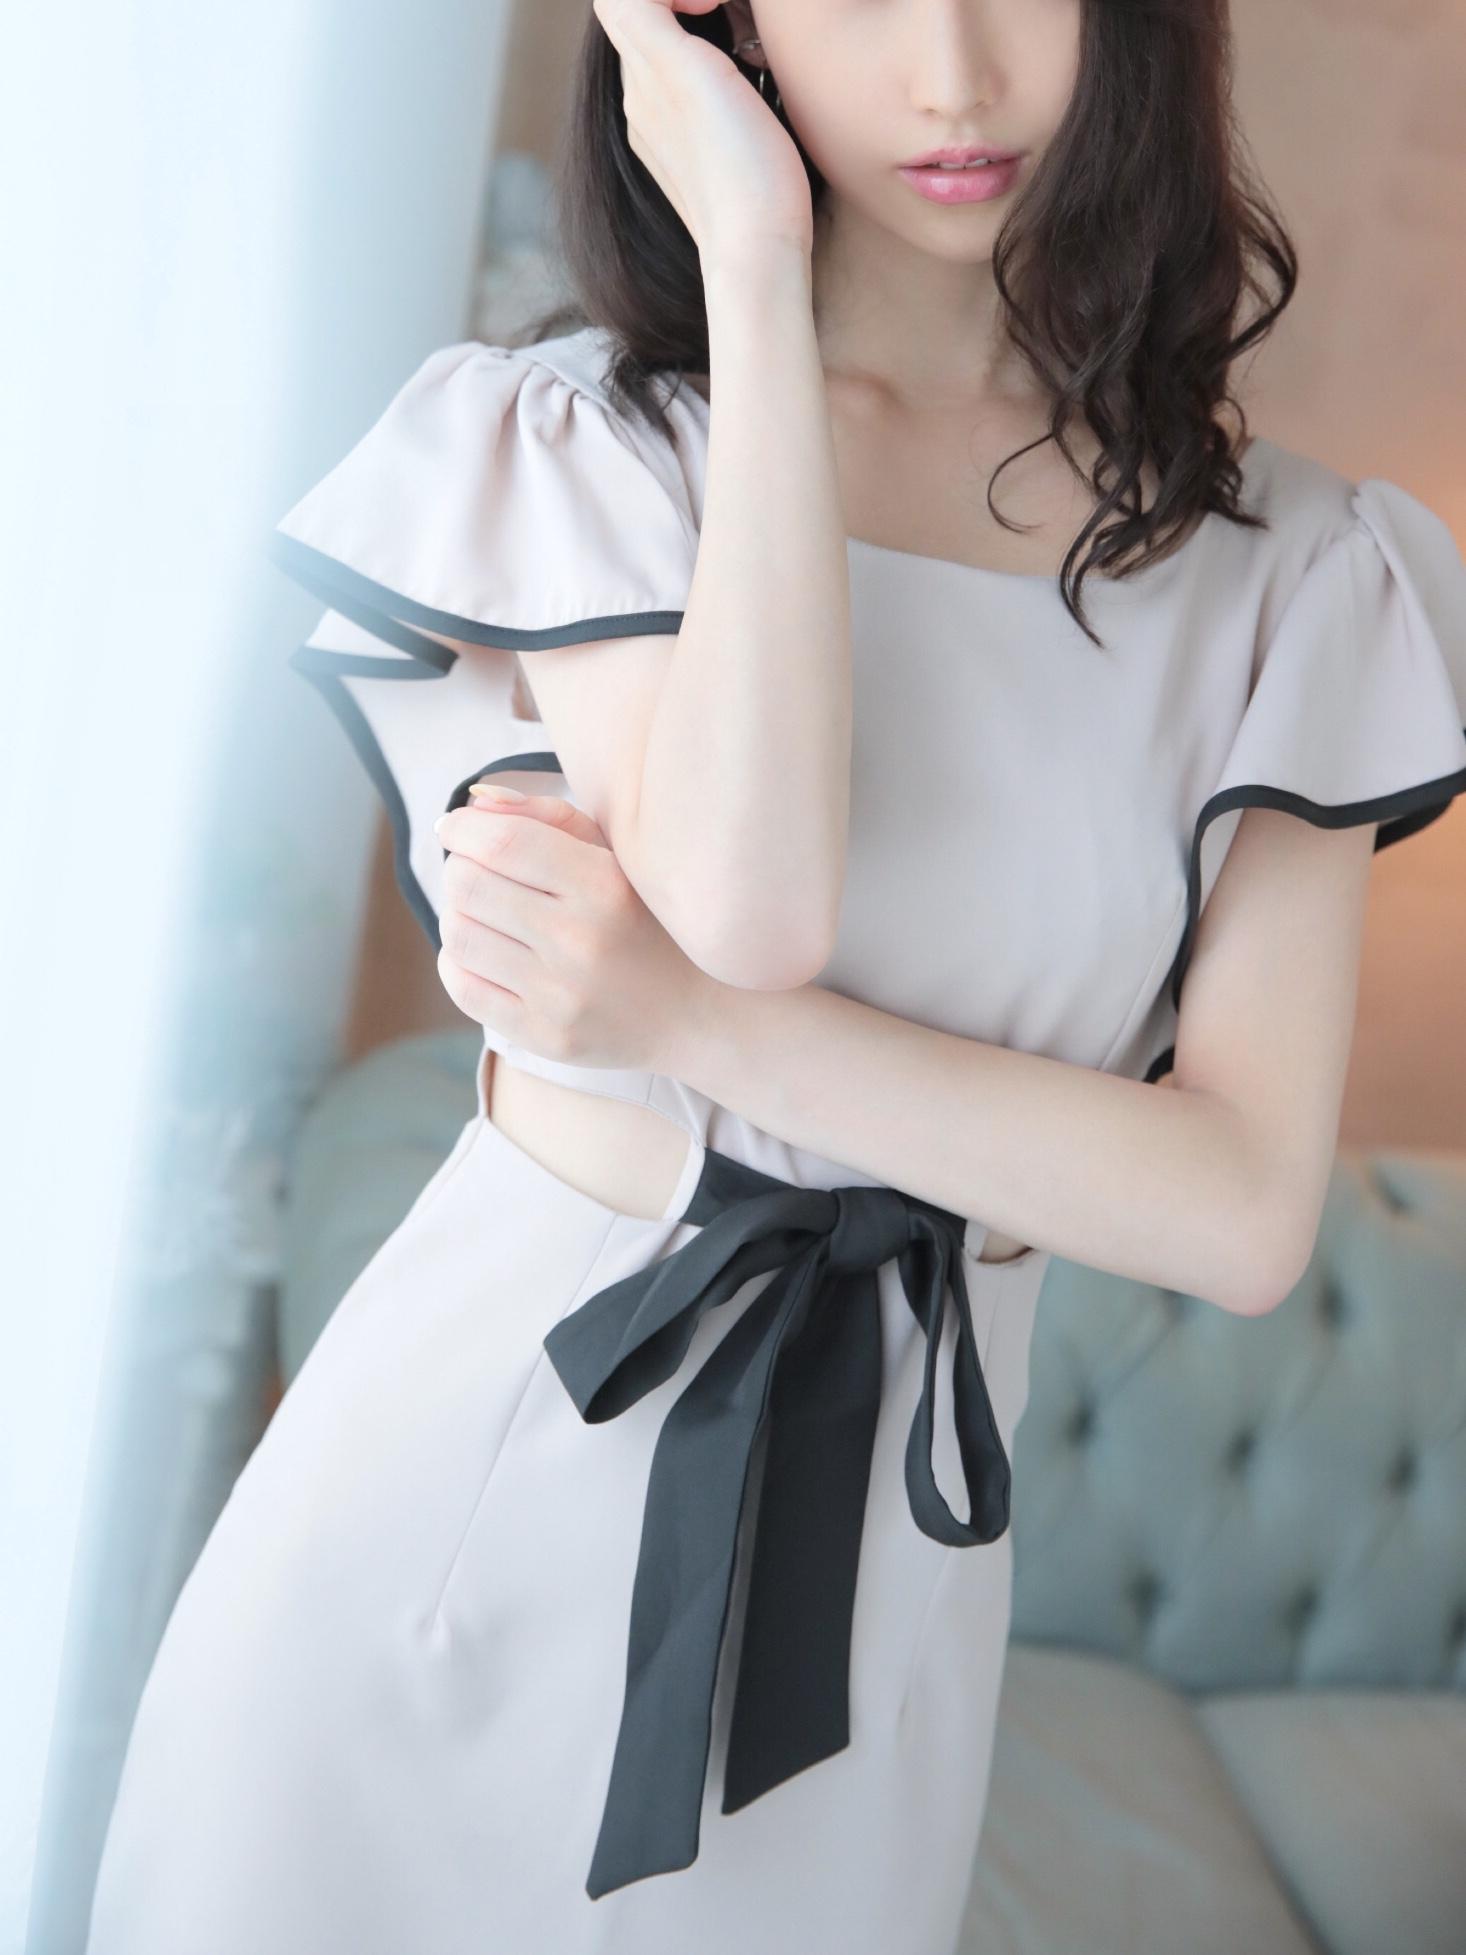 高級デリヘル|保科 彩美